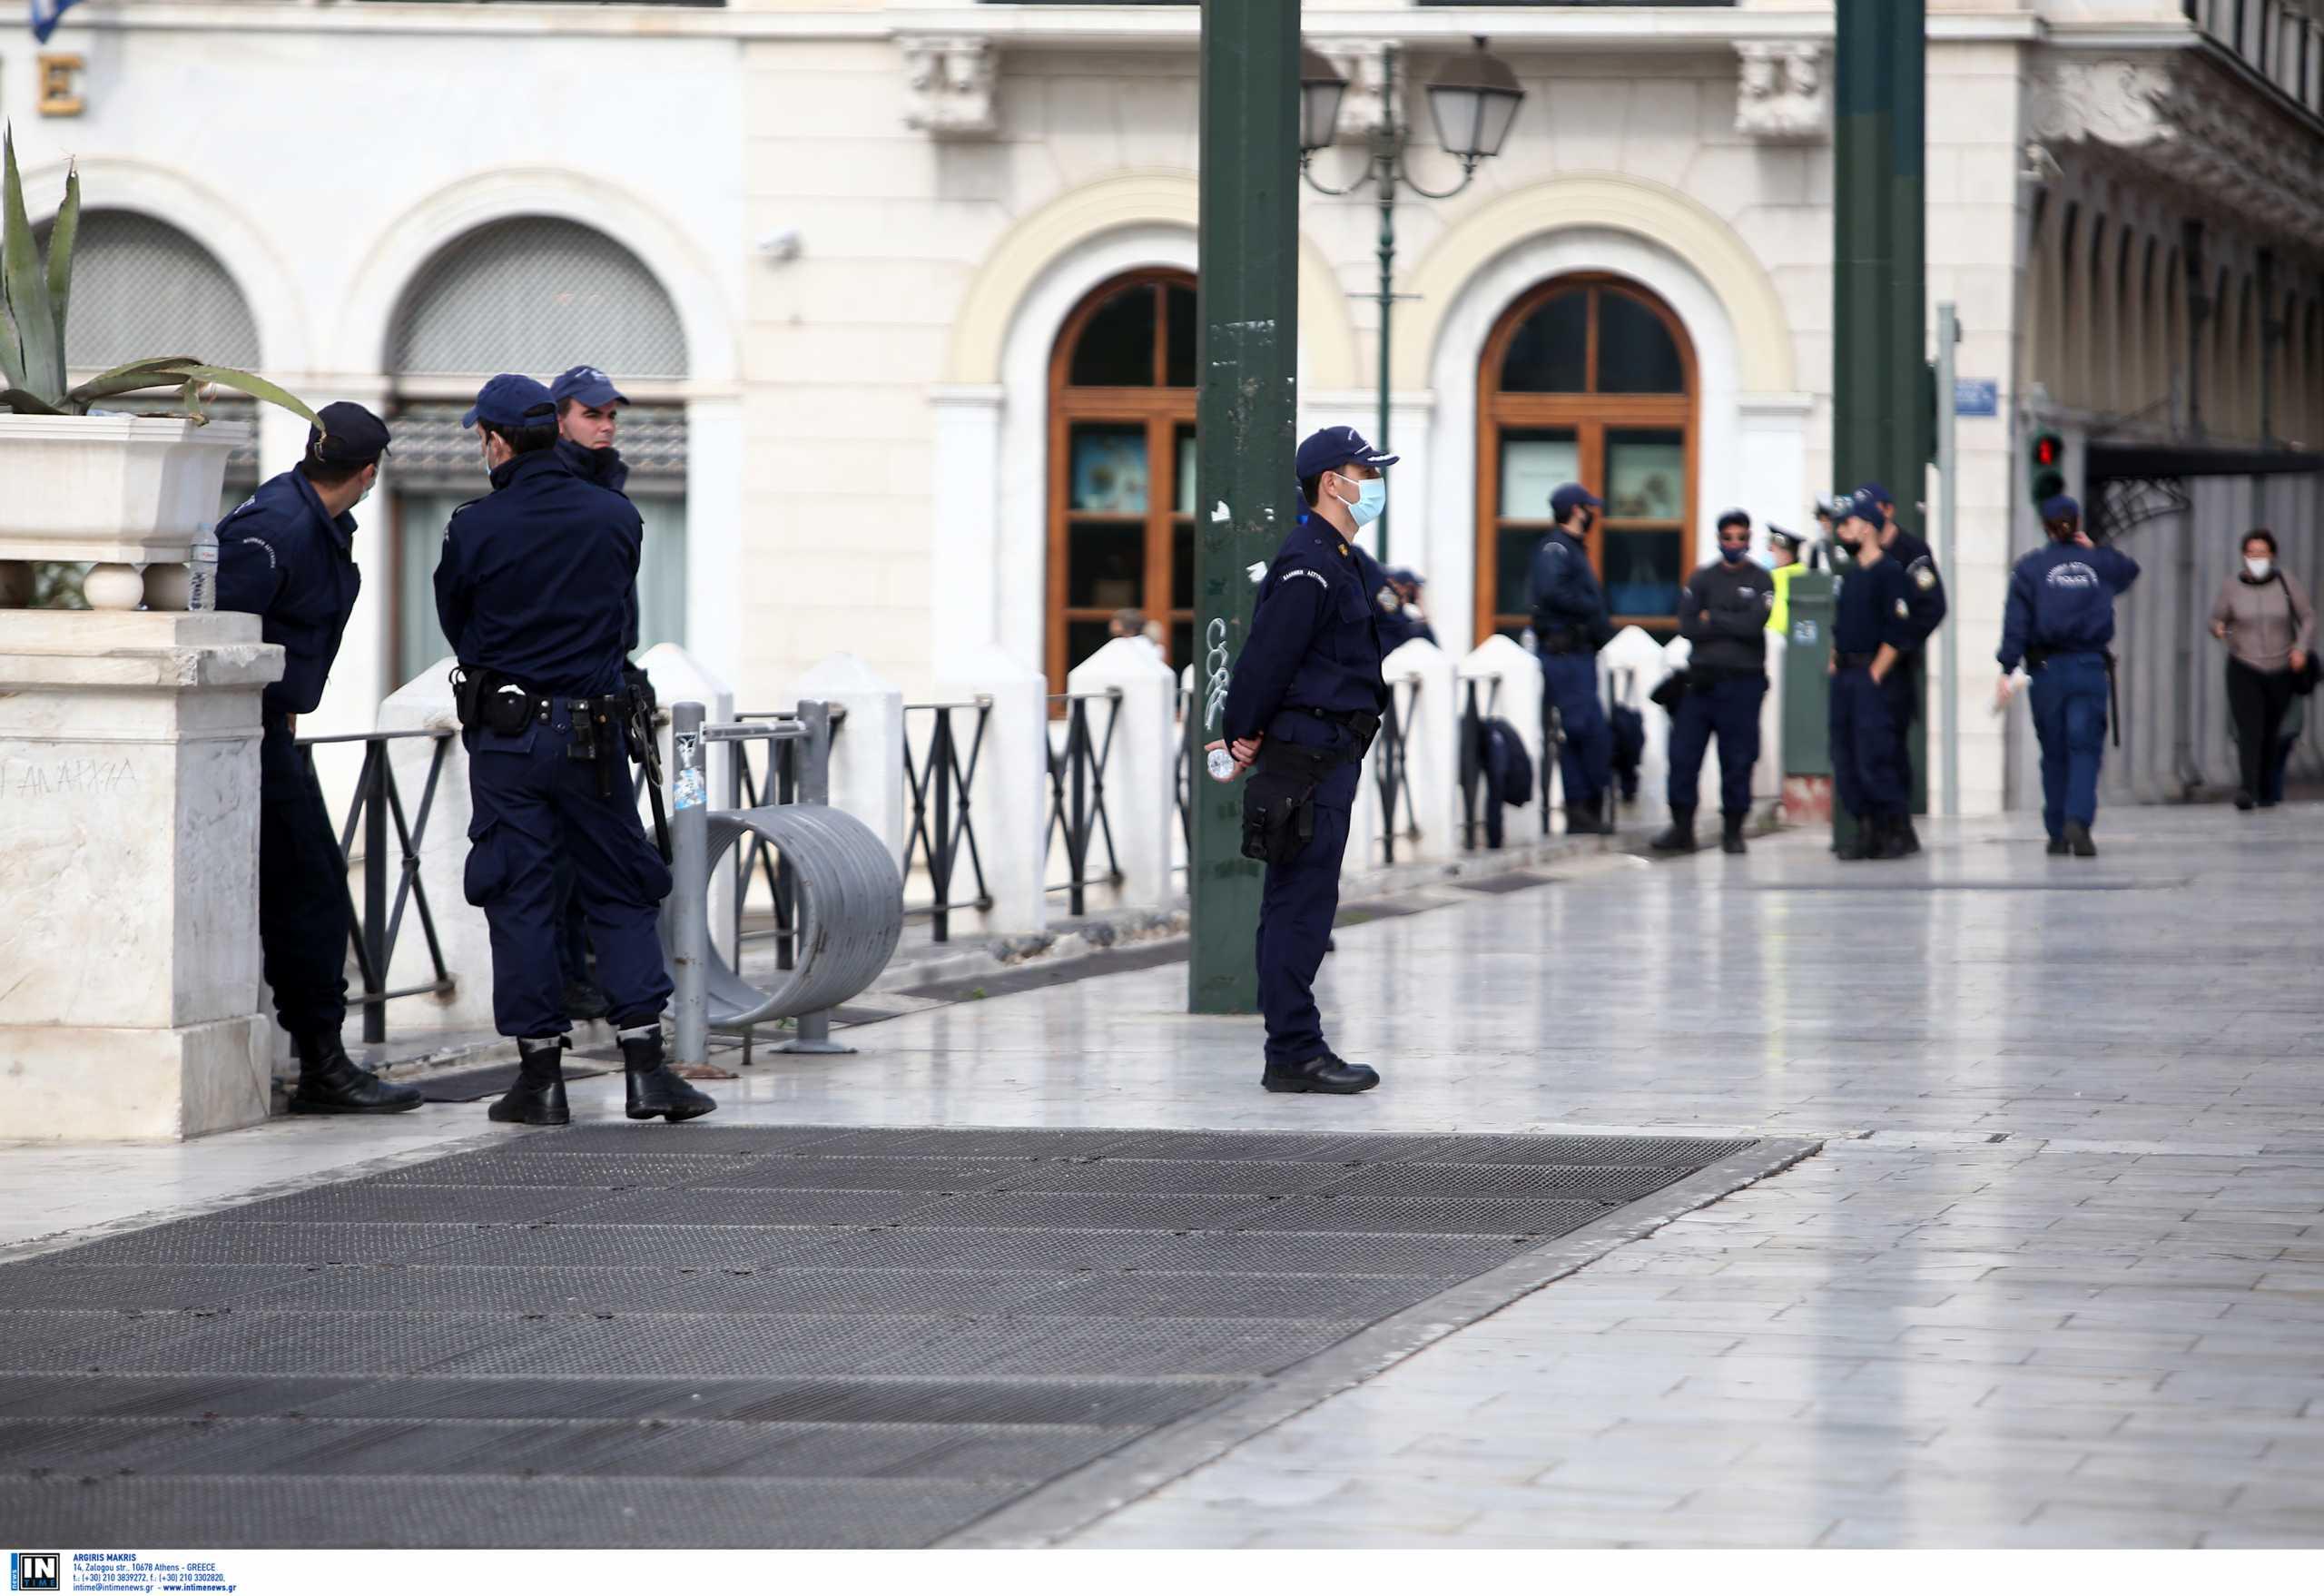 25η Μαρτίου: Δρακόντεια τα μέτρα ασφαλείας για την παρέλαση